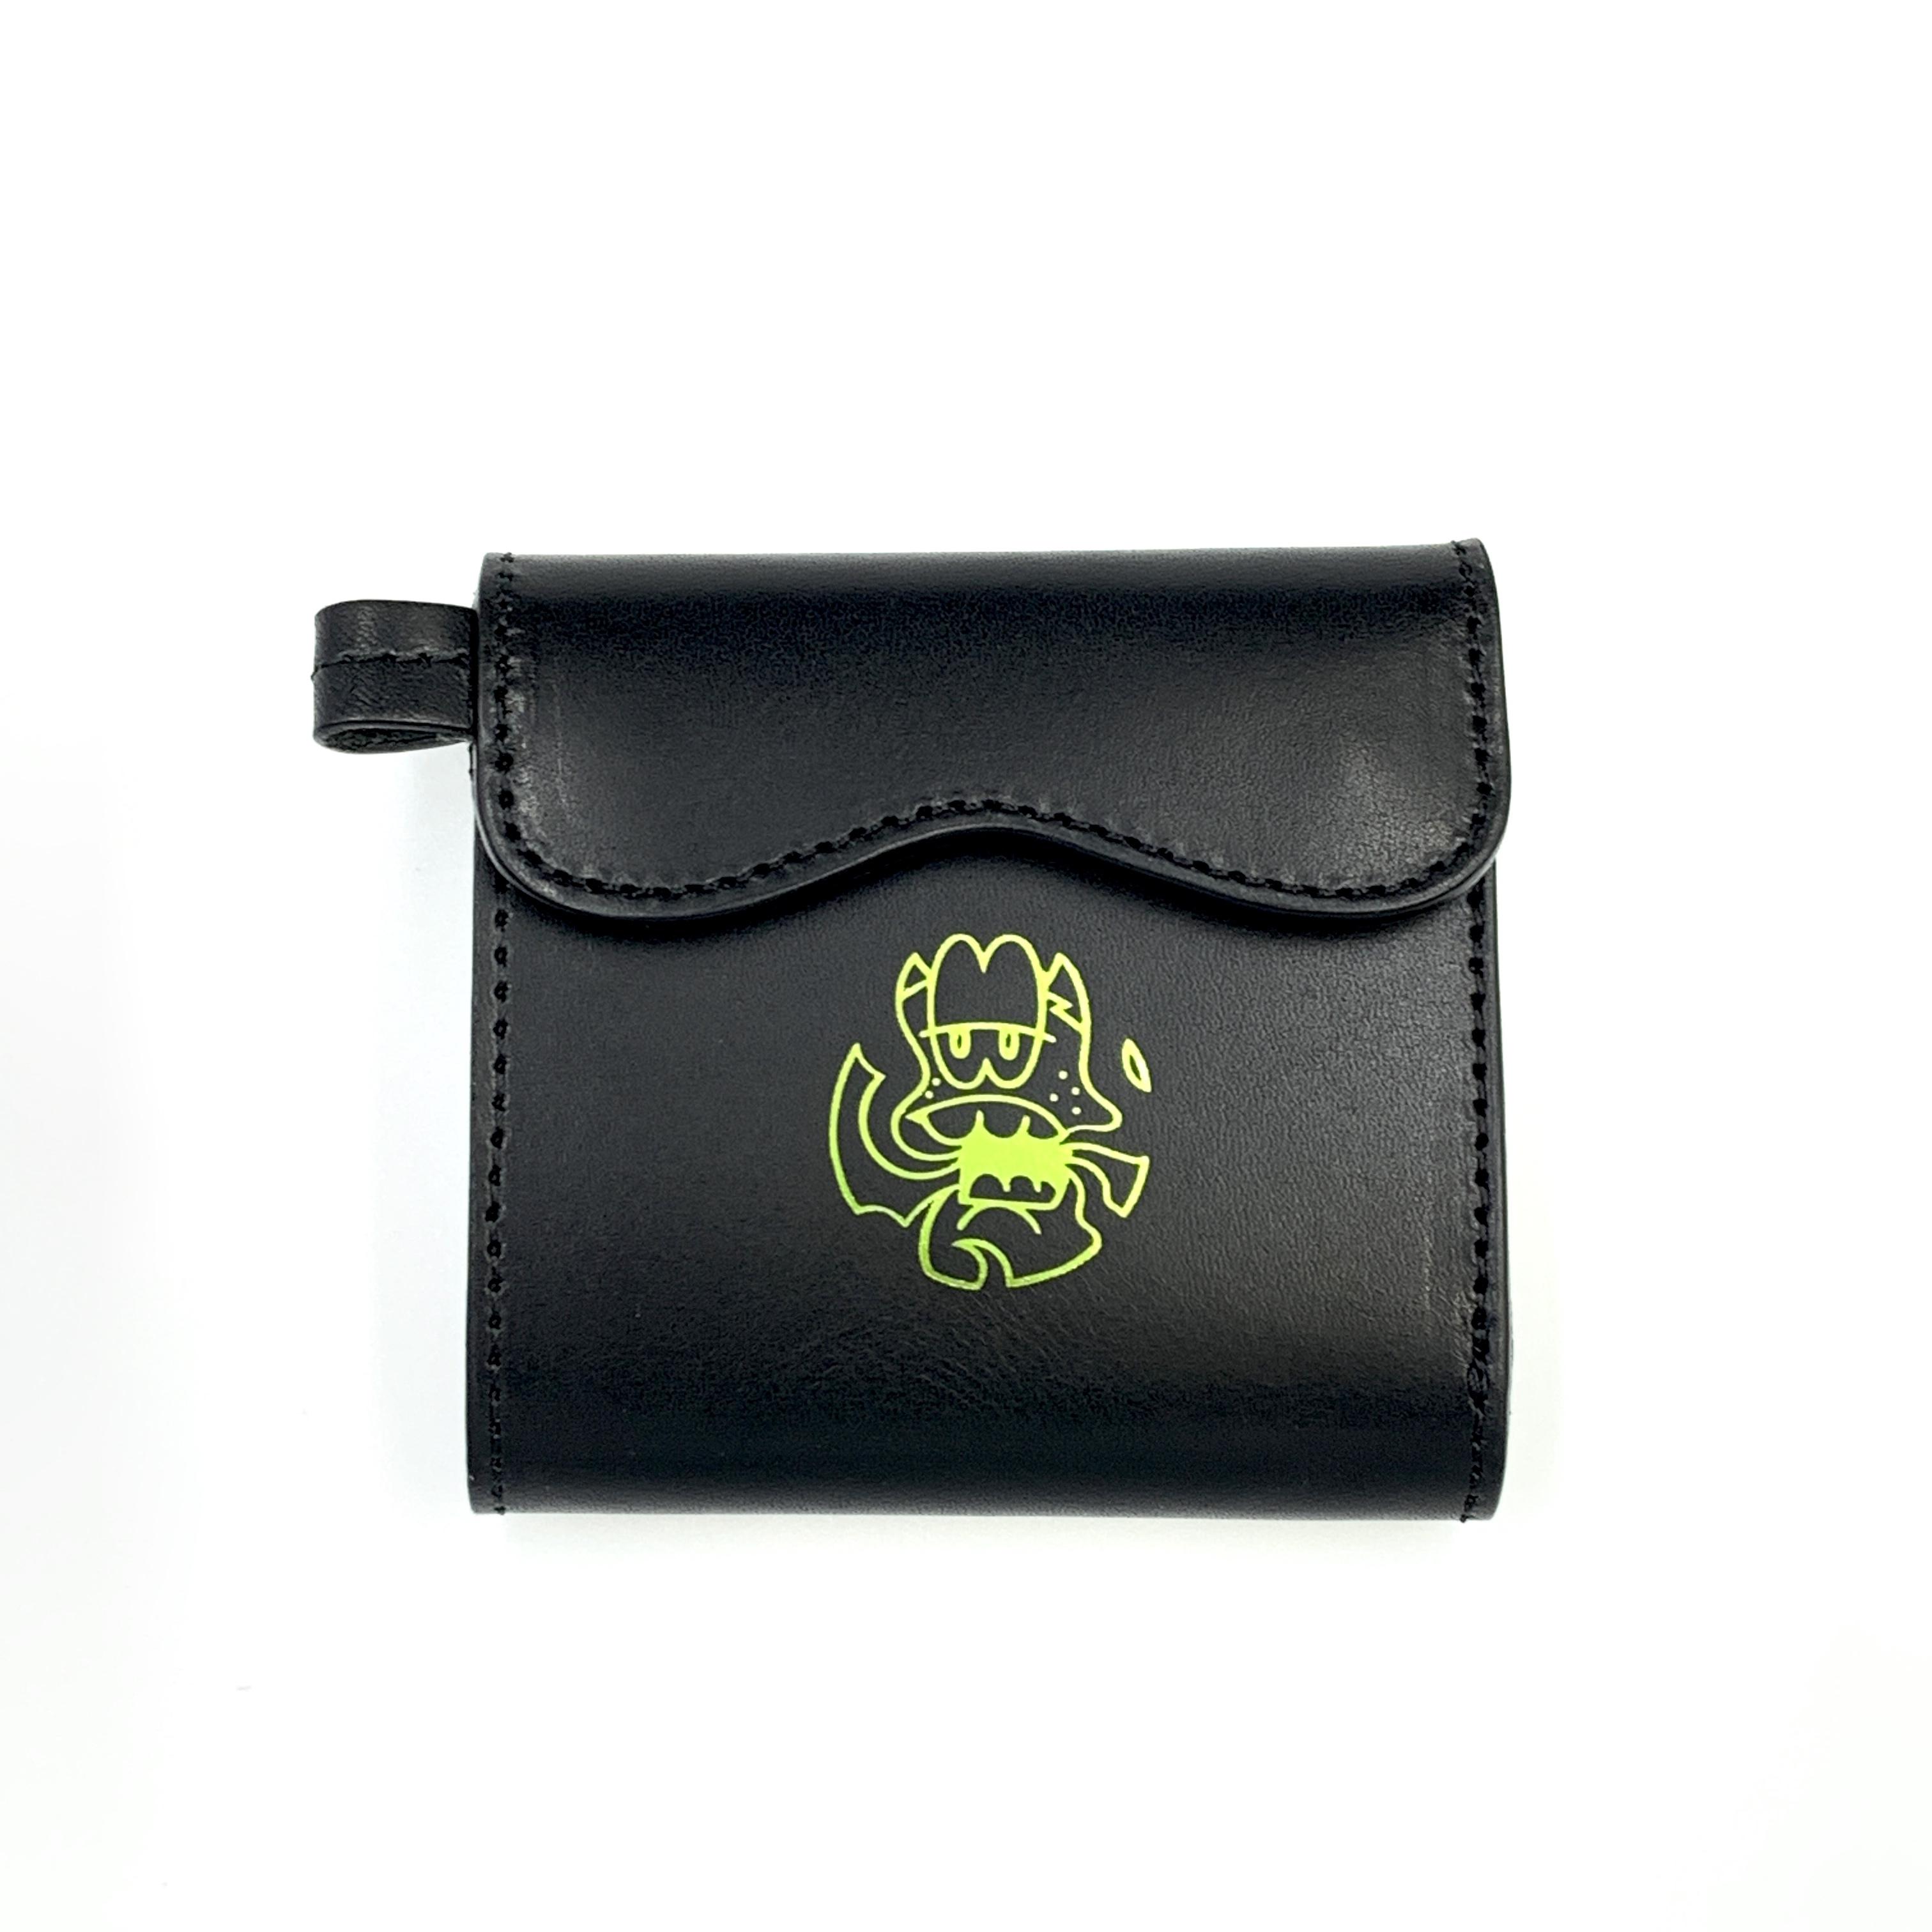 《CASPER× YONZY factory》Mini Wallet Black